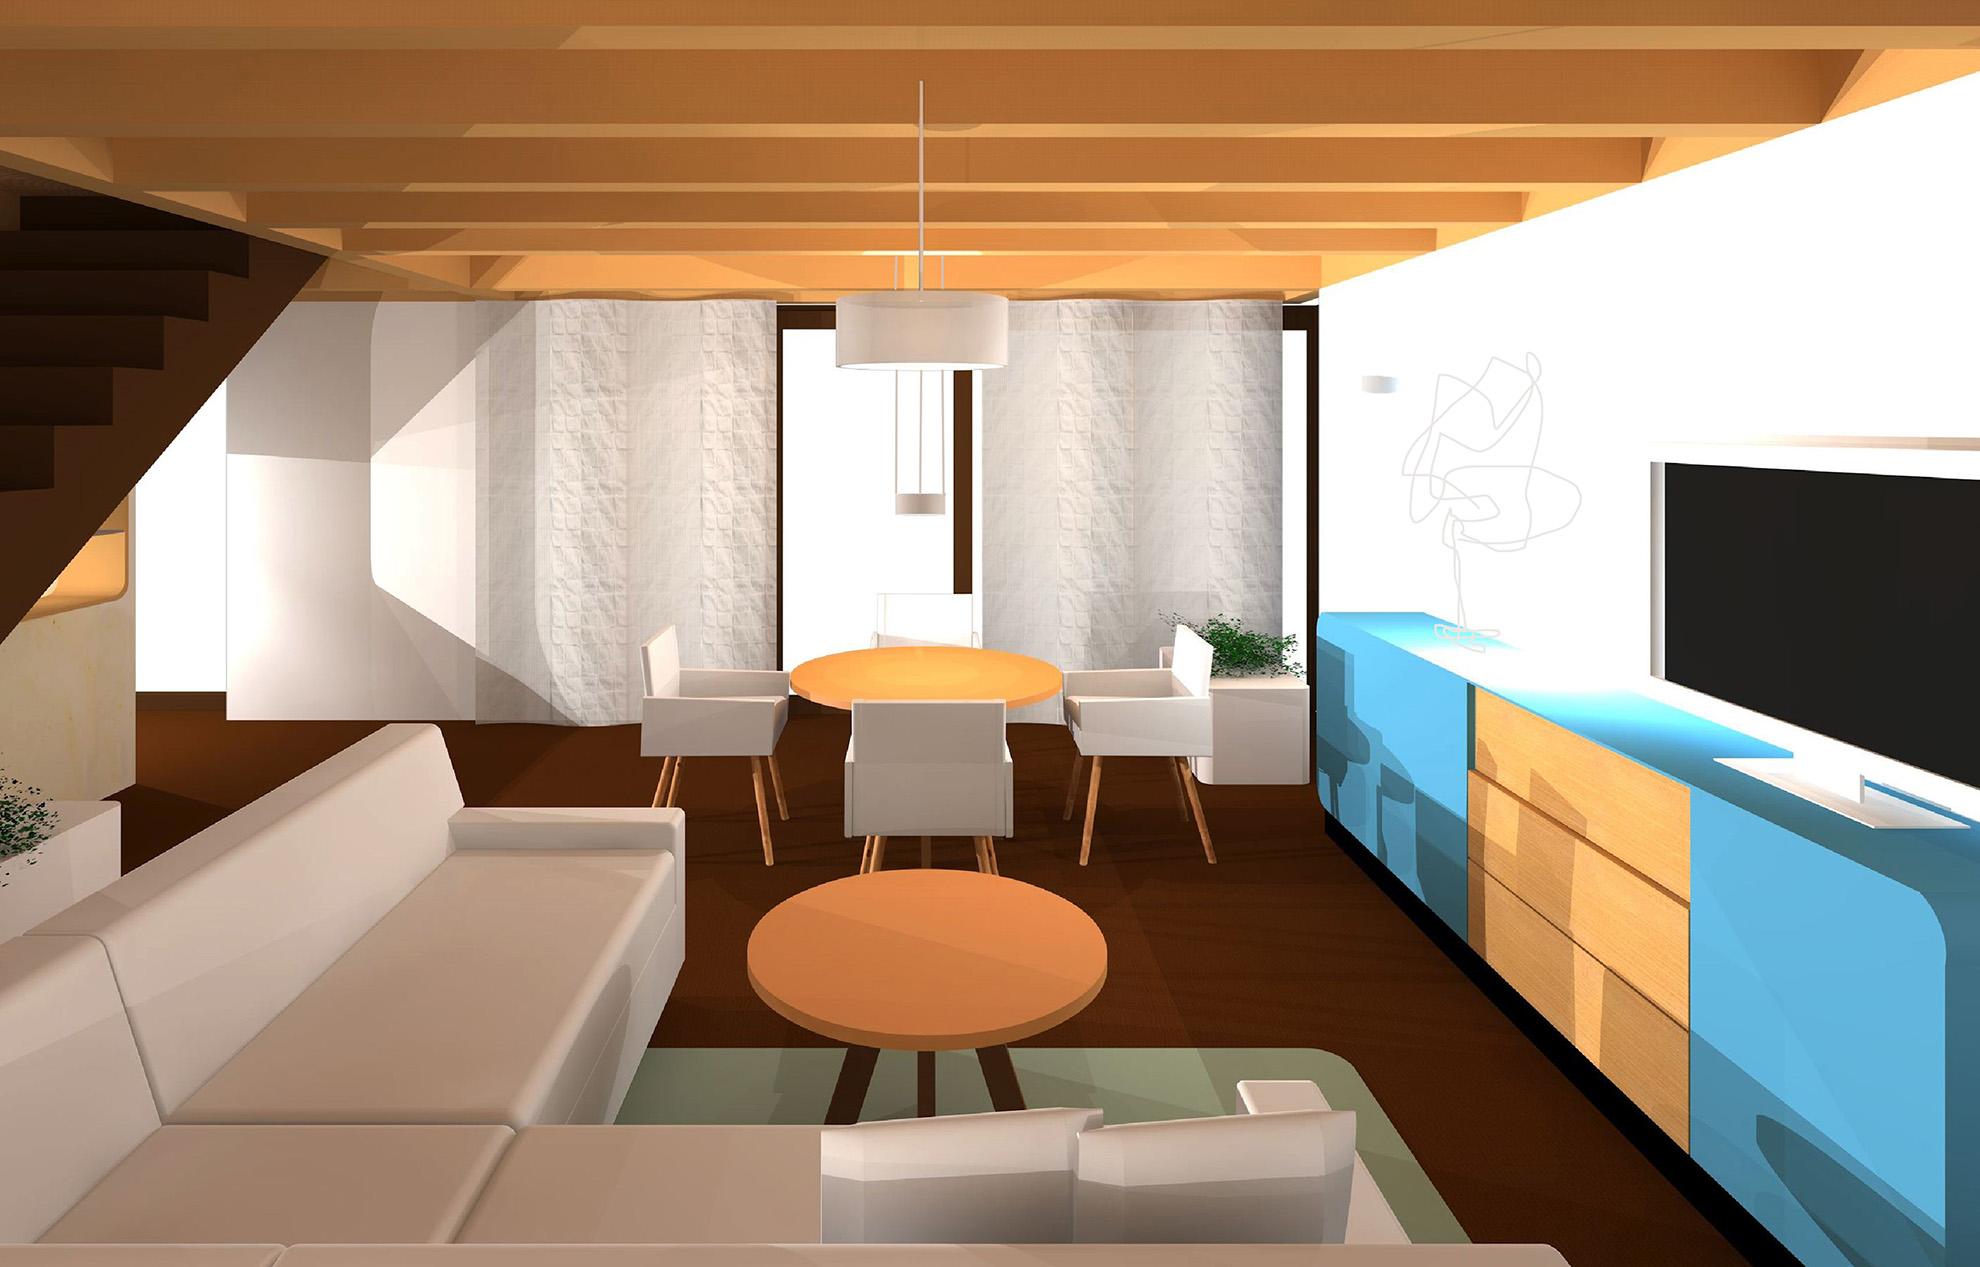 Neugestaltung Einfamilienhaus - GROSS | Innenarchitektur